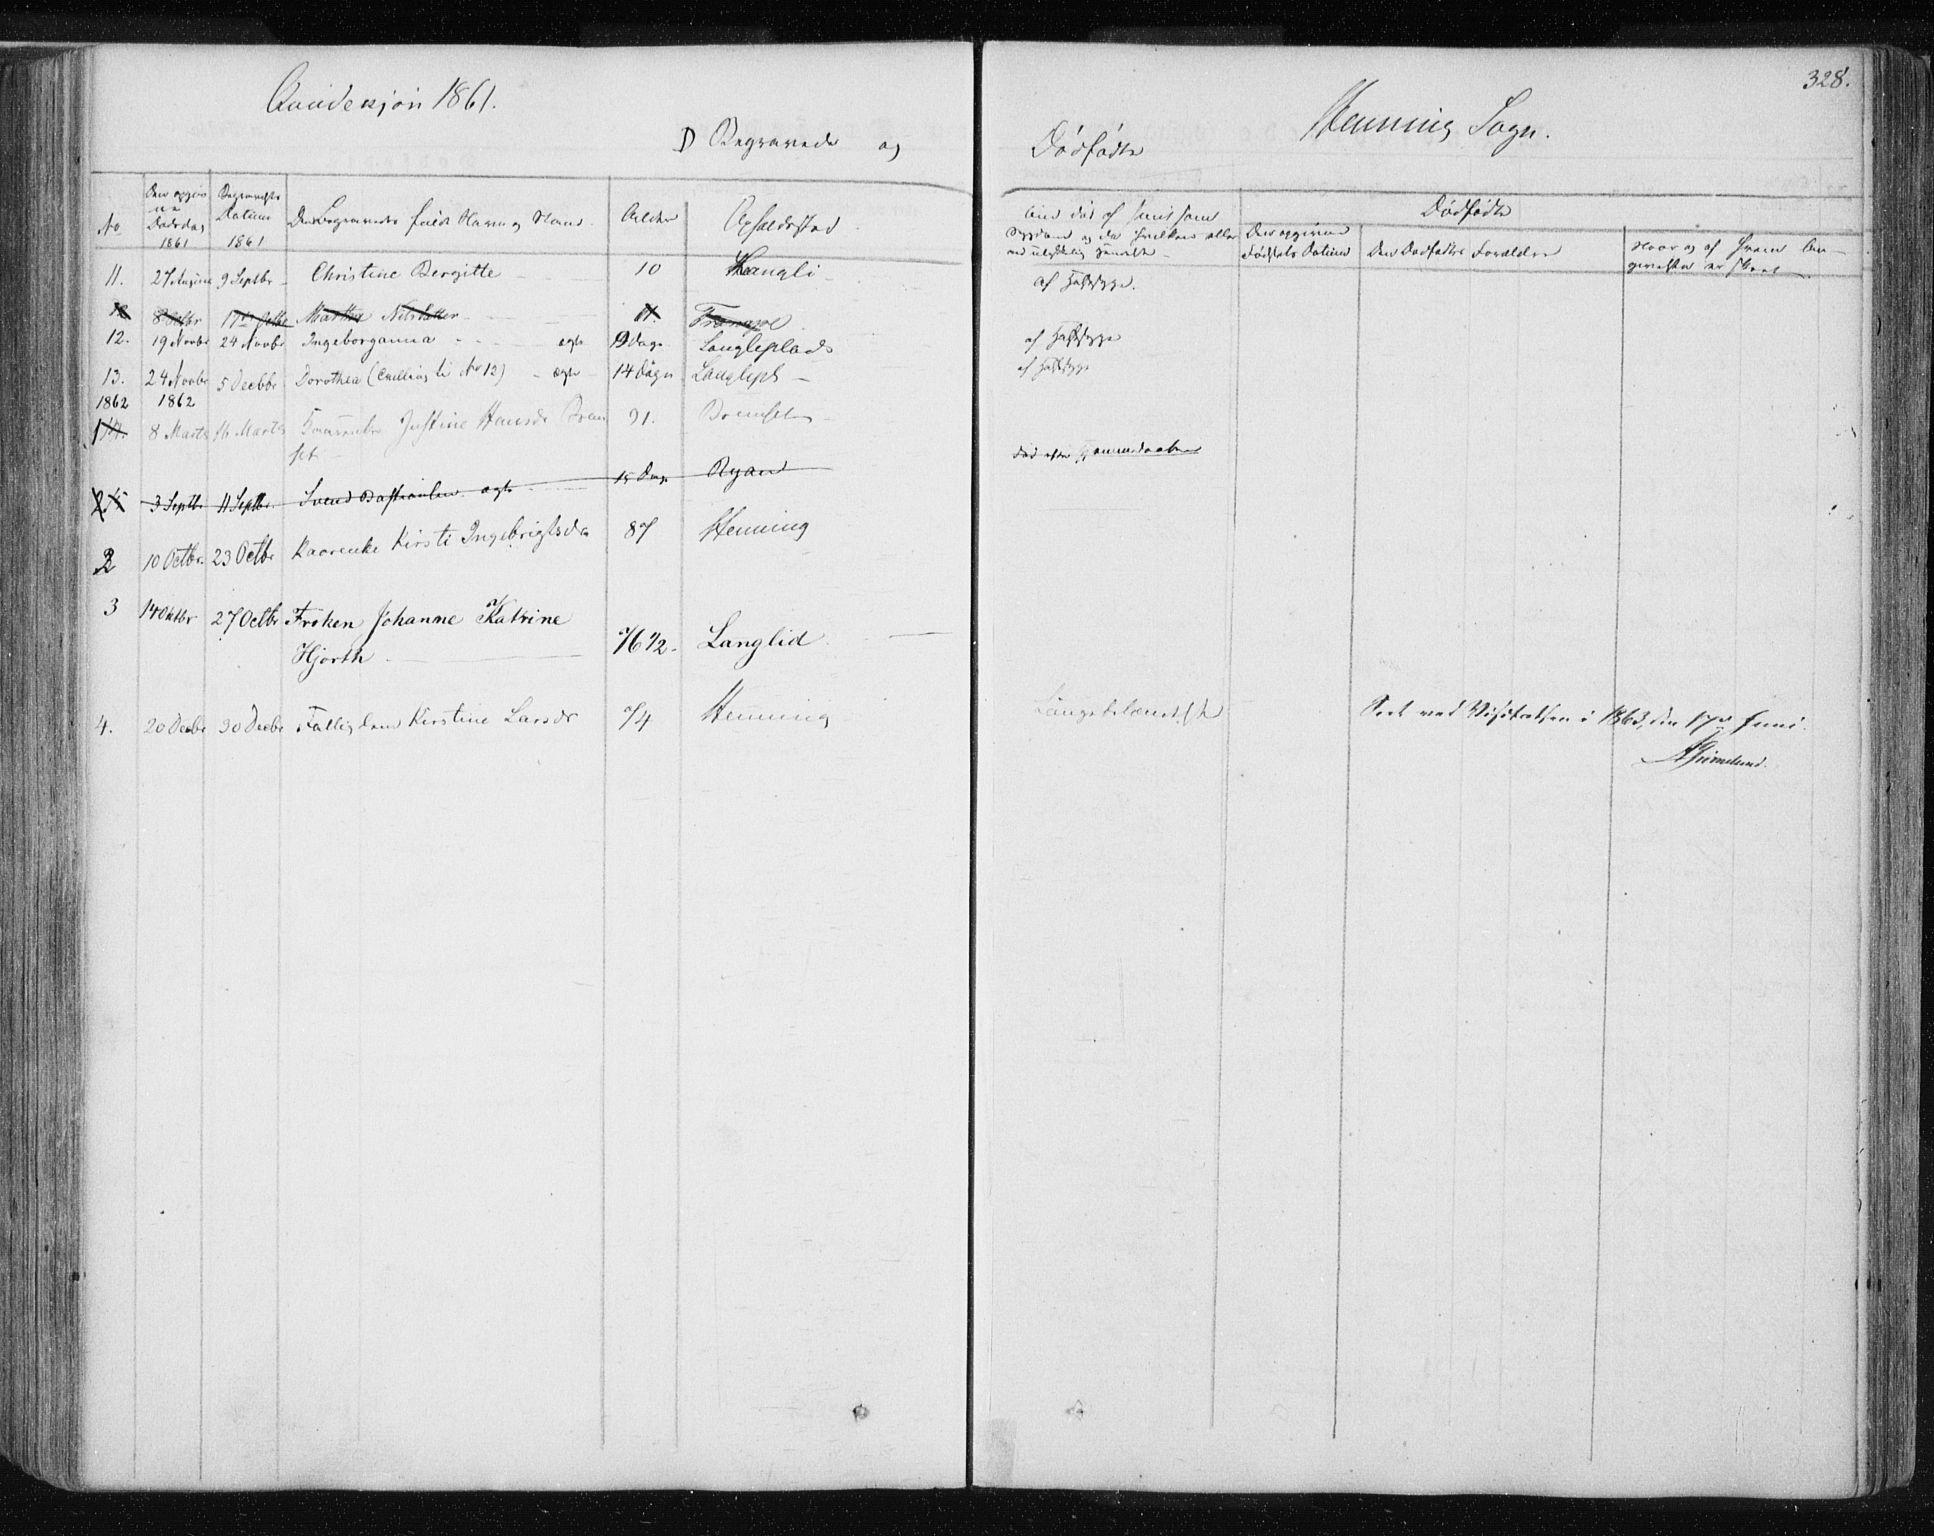 SAT, Ministerialprotokoller, klokkerbøker og fødselsregistre - Nord-Trøndelag, 735/L0342: Ministerialbok nr. 735A07 /3, 1849-1862, s. 328